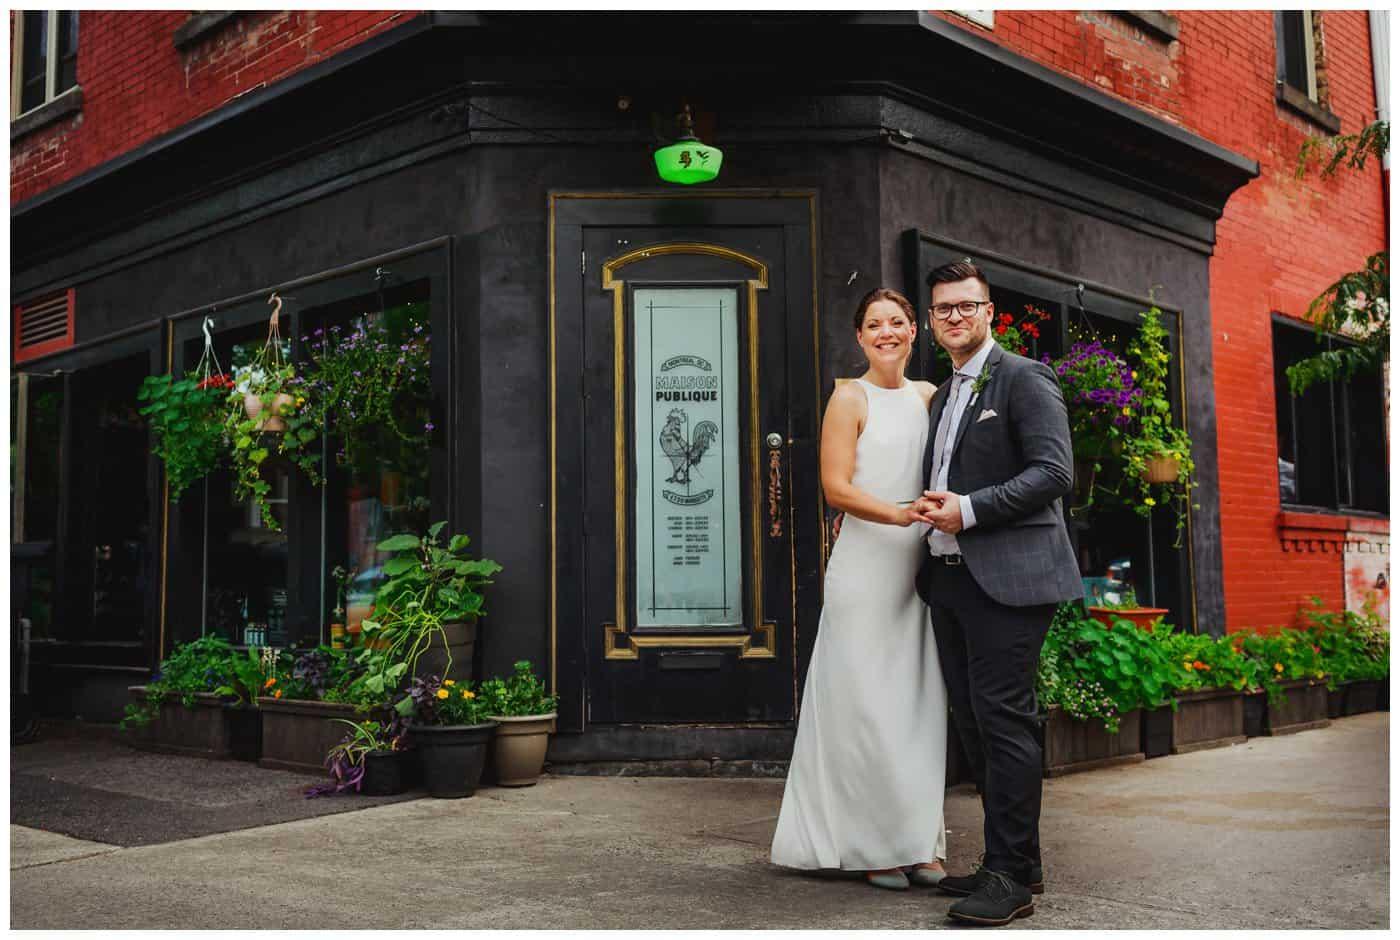 maison publique montreal wedding